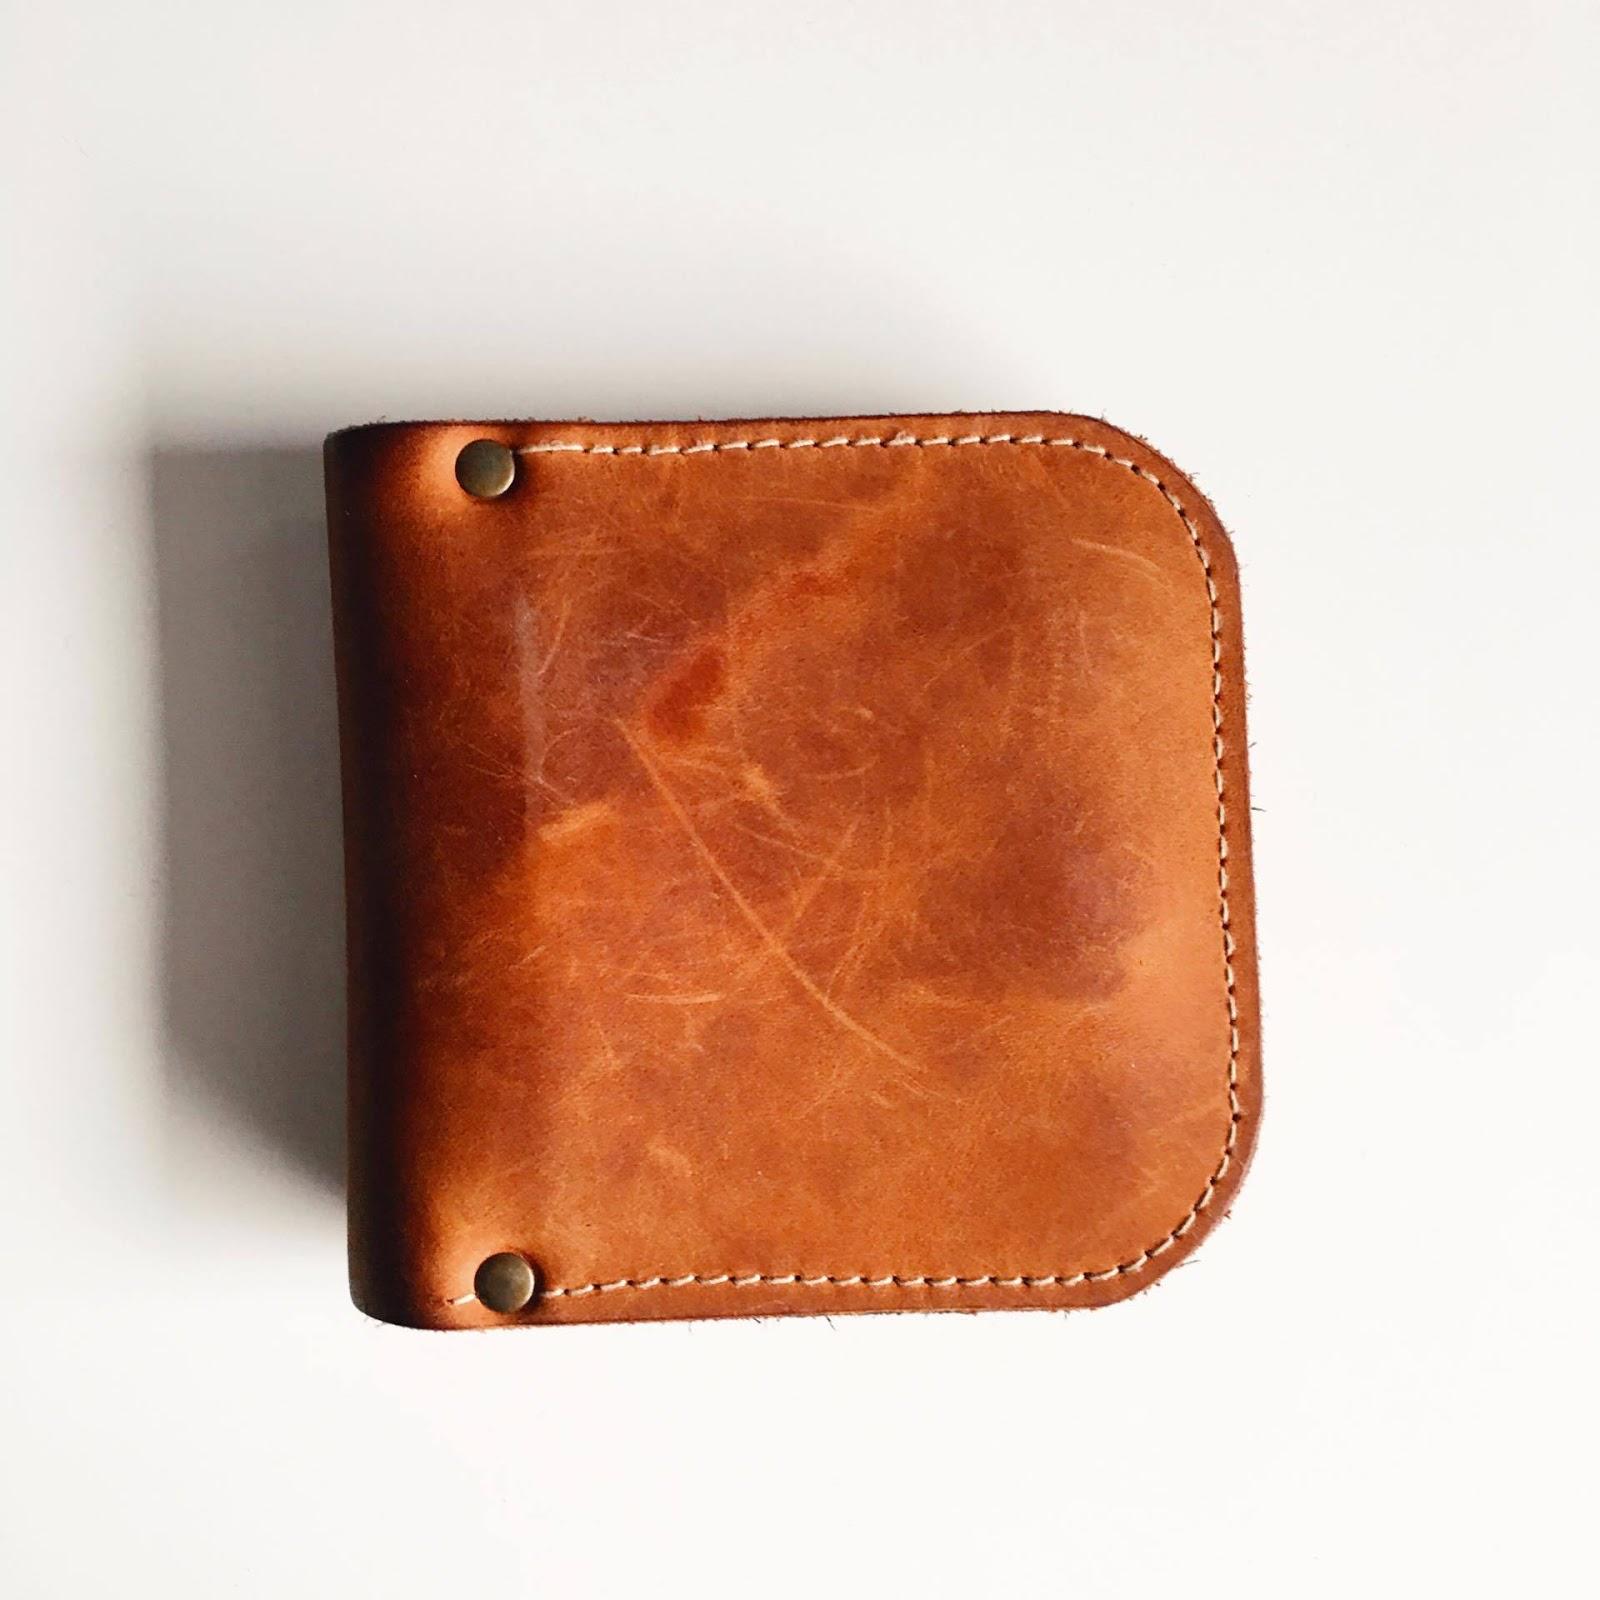 toks visoks odinė rankinė, kuprinė, odinė kuprinė, odinis kortelių dėklas, odinė vyriška piniginė, made in lithuania, lithuanian beauty blog, lithuanian bloggers, lietuvos tinklaraštininkės